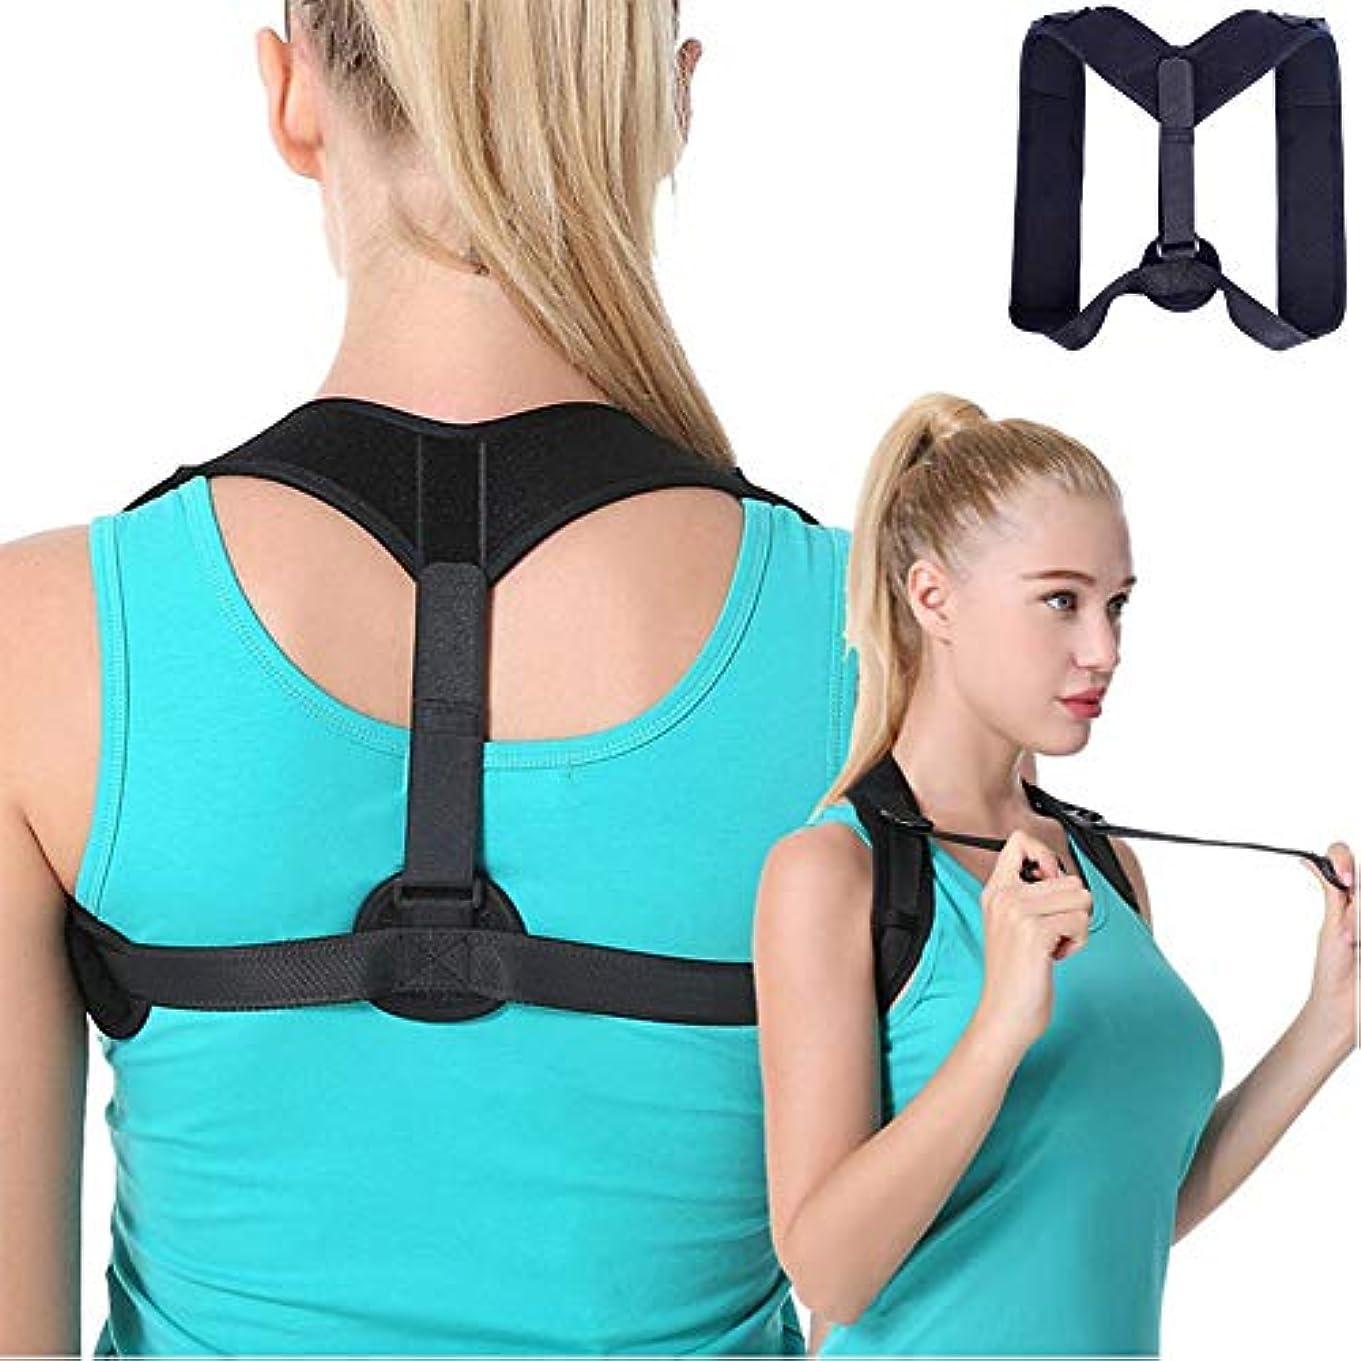 対応ワインテクトニック姿勢矯正脊髄サポート-男性または女性のための理学療法ブレース-背中、肩、首の痛みを軽減する脊髄